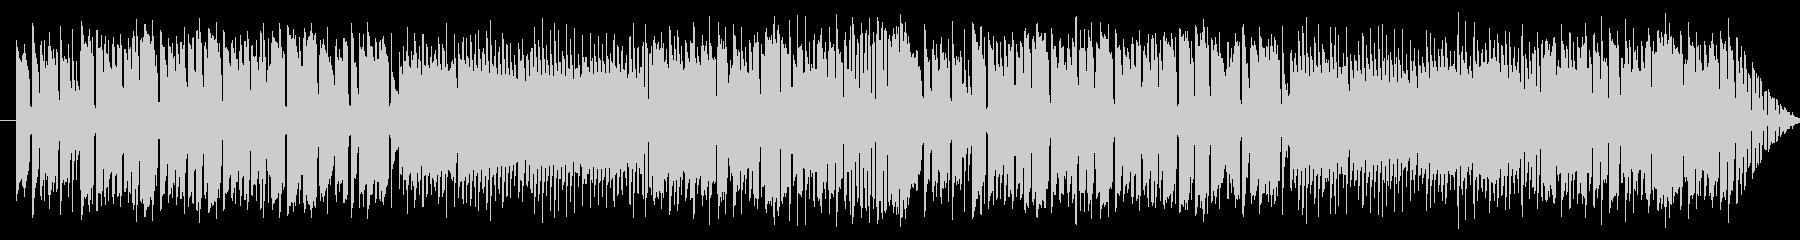 サックスのレゲエ調のジングルの未再生の波形